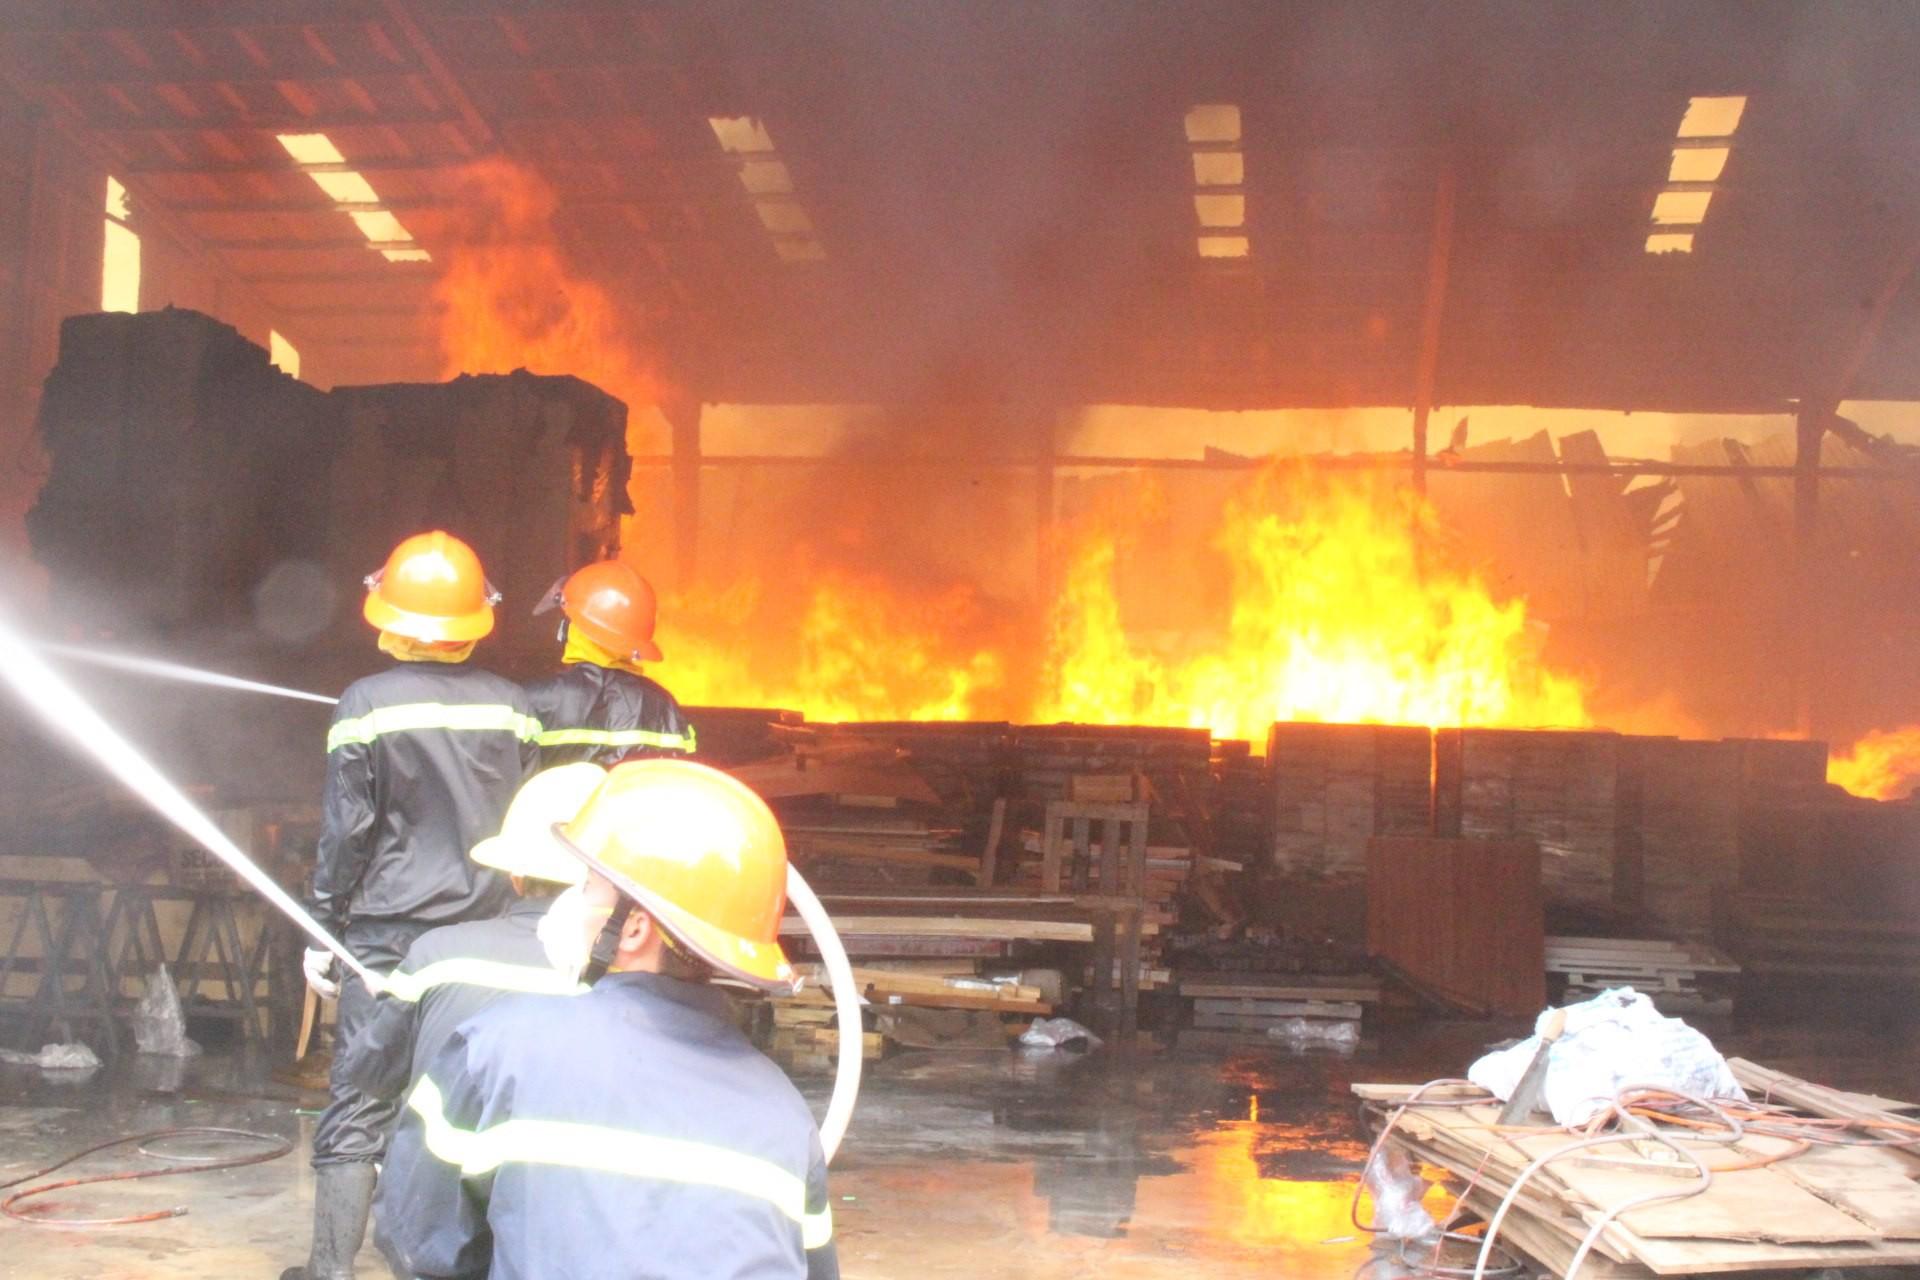 Xưởng gỗ cháy kinh hoàng, nhiều công nhân mất việc ngày cận Tết - Ảnh 2.